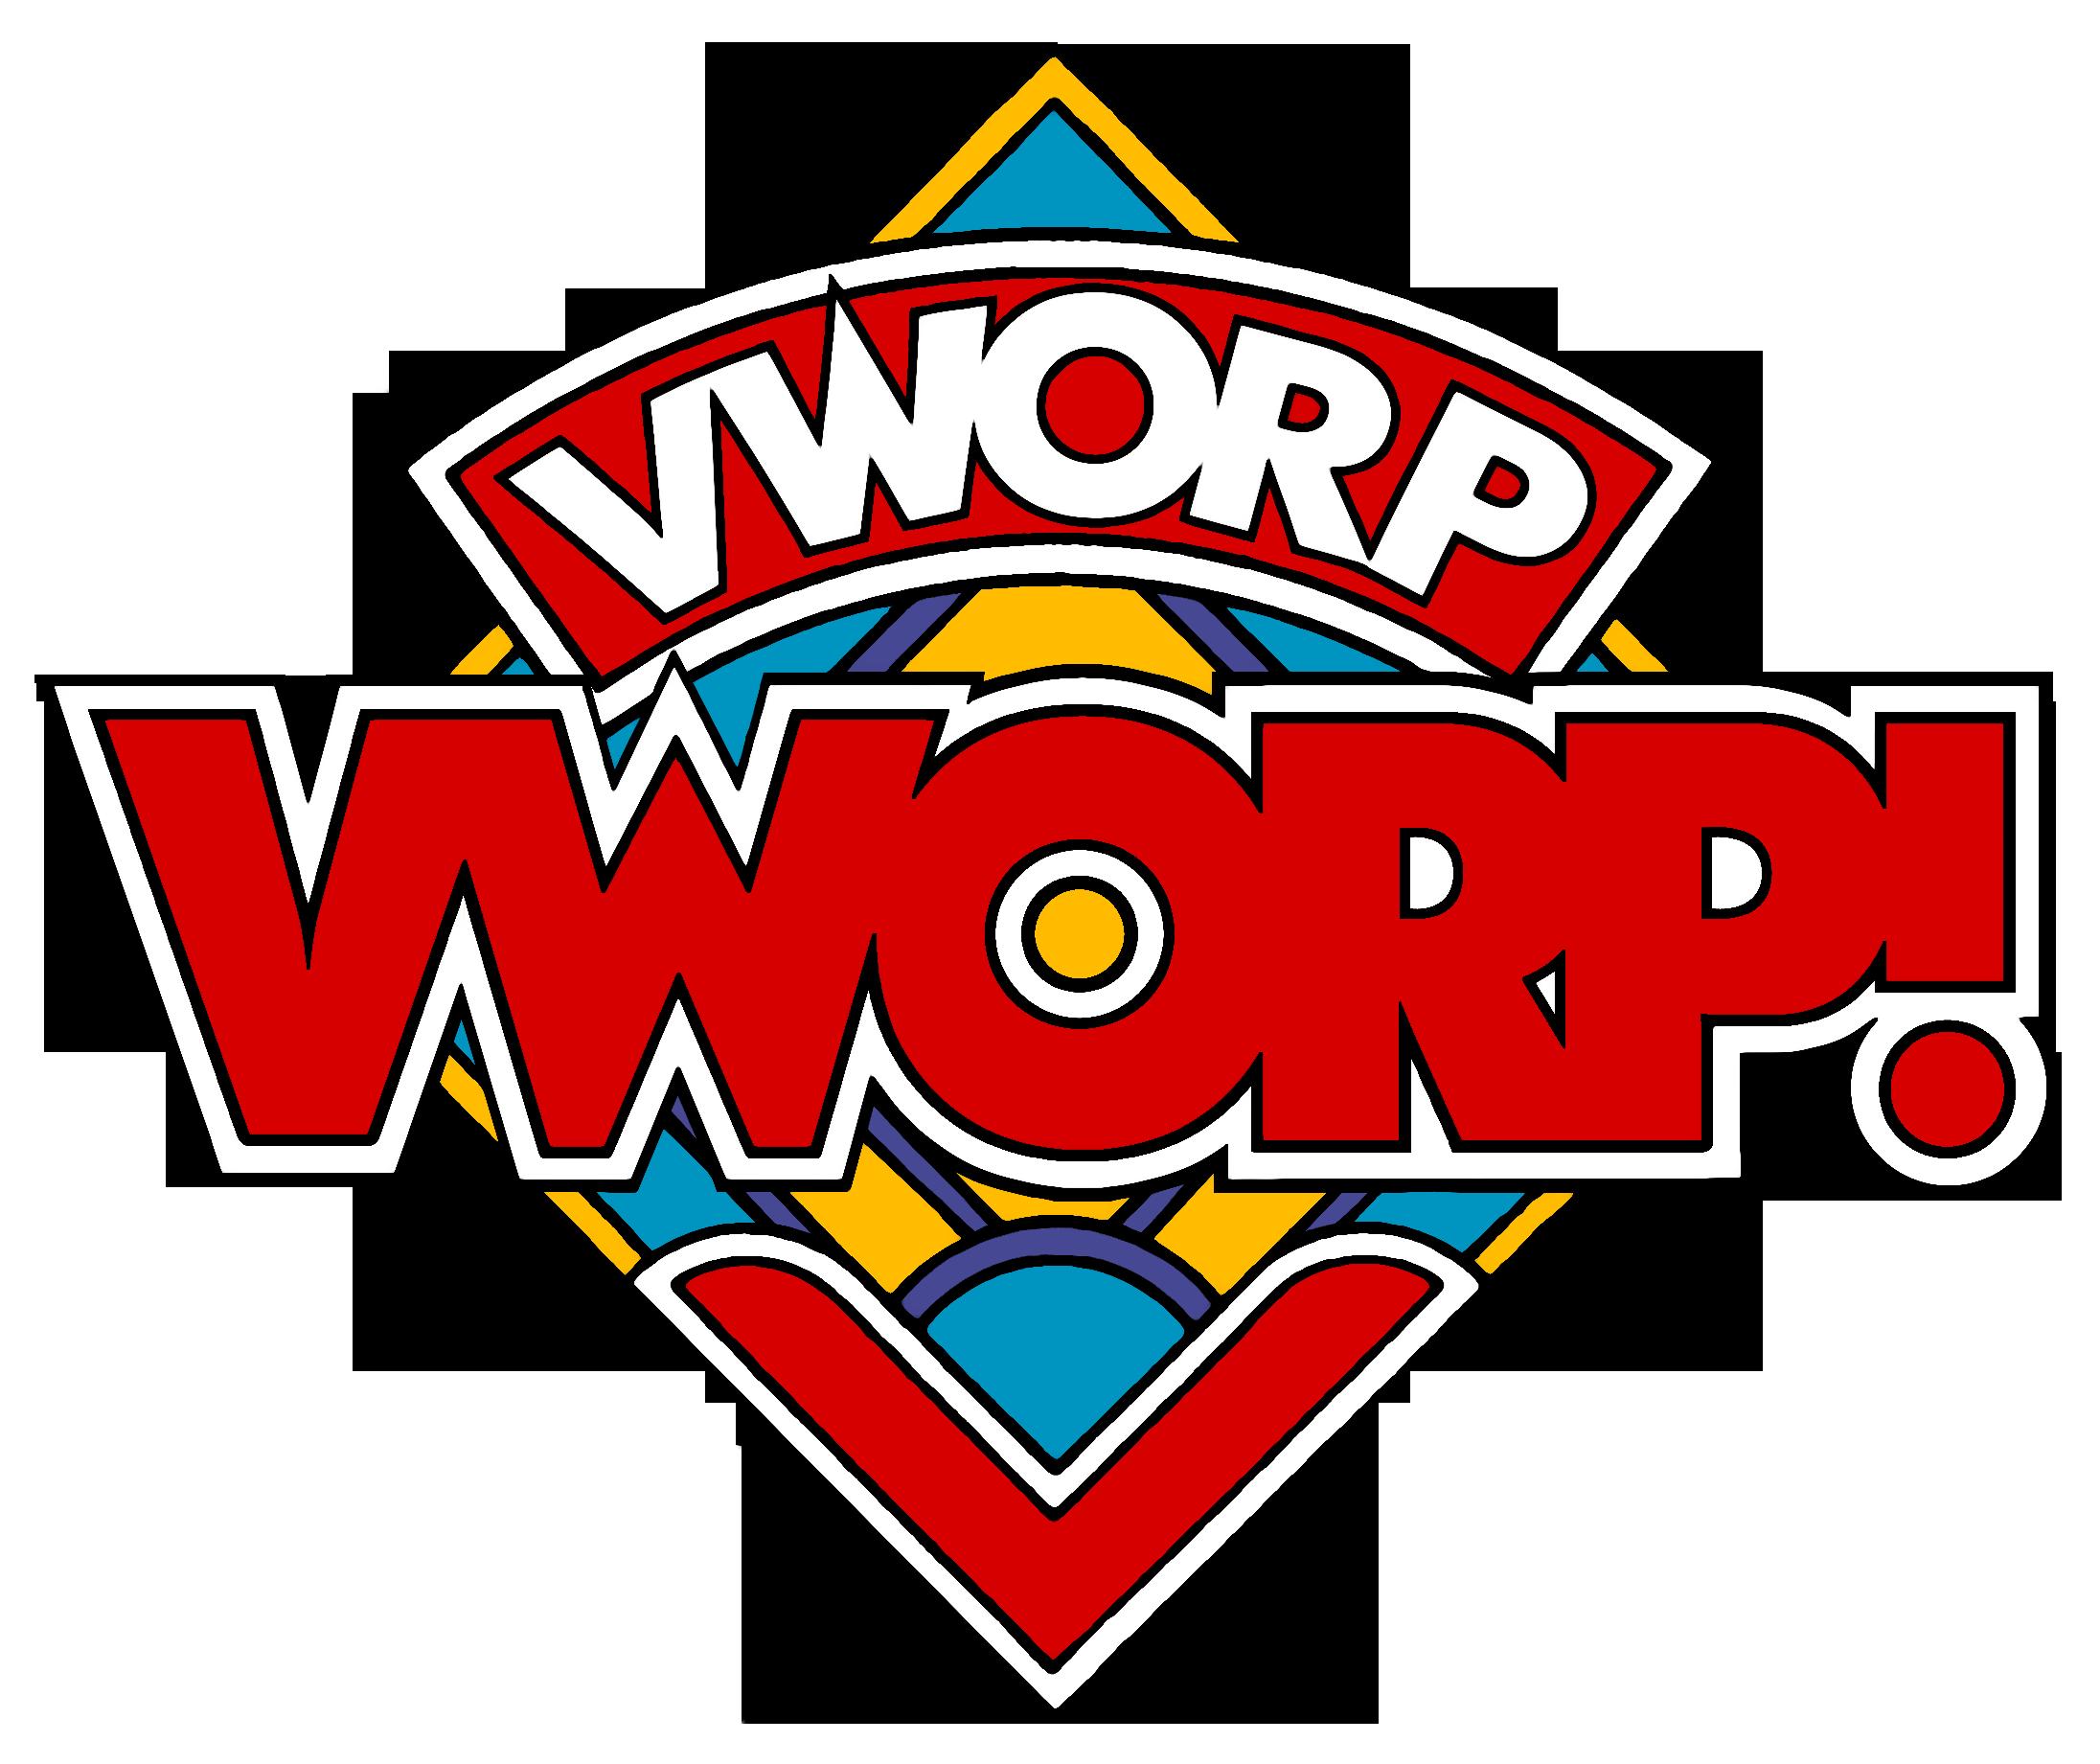 Vworp Vworp! Volume 3